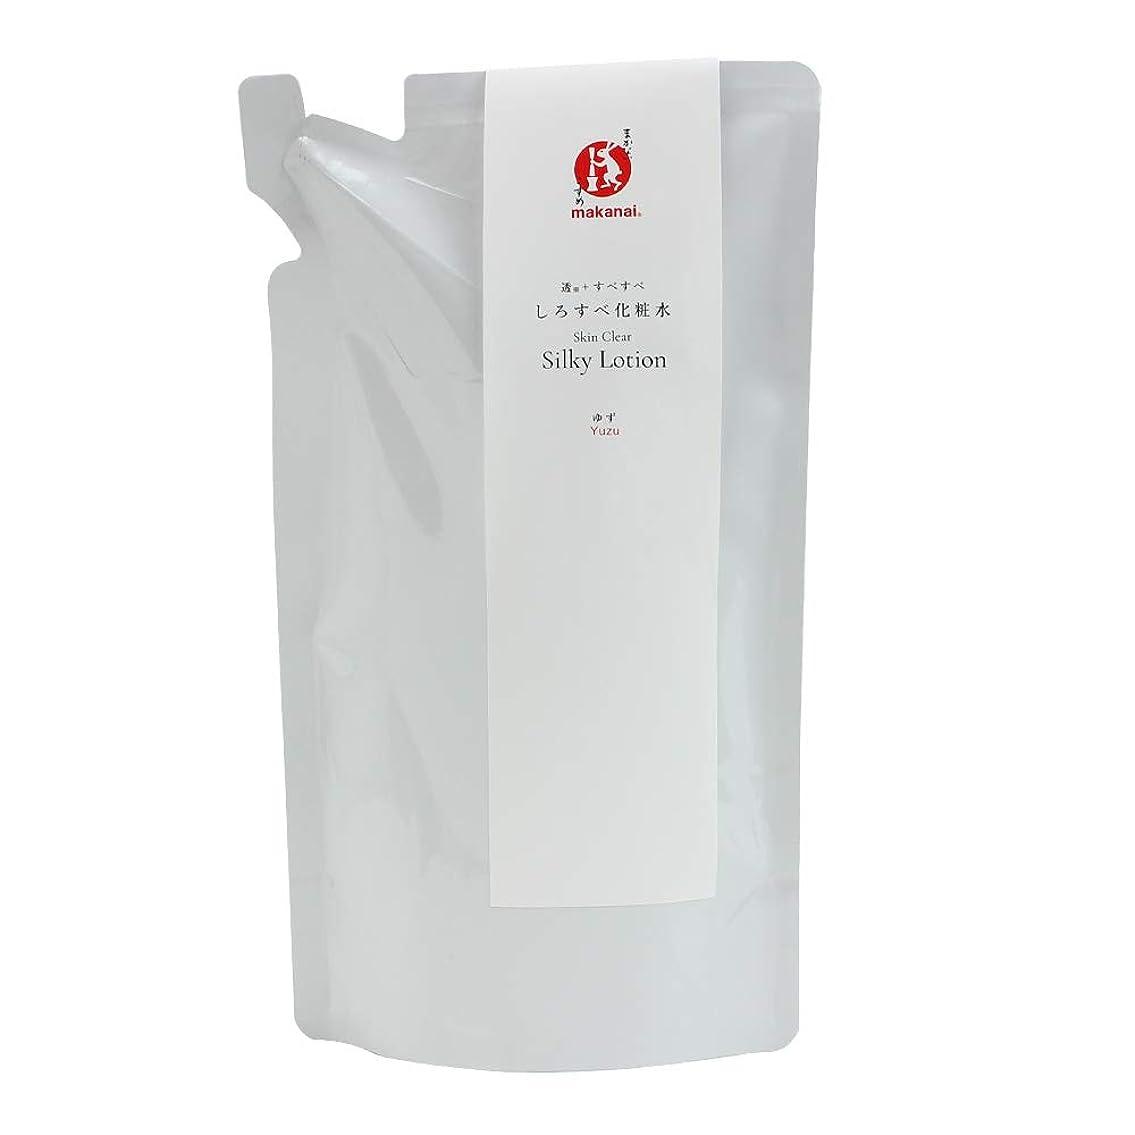 見ました包帯変なまかないこすめ しろすべ化粧水(詰め替え用) 150ml